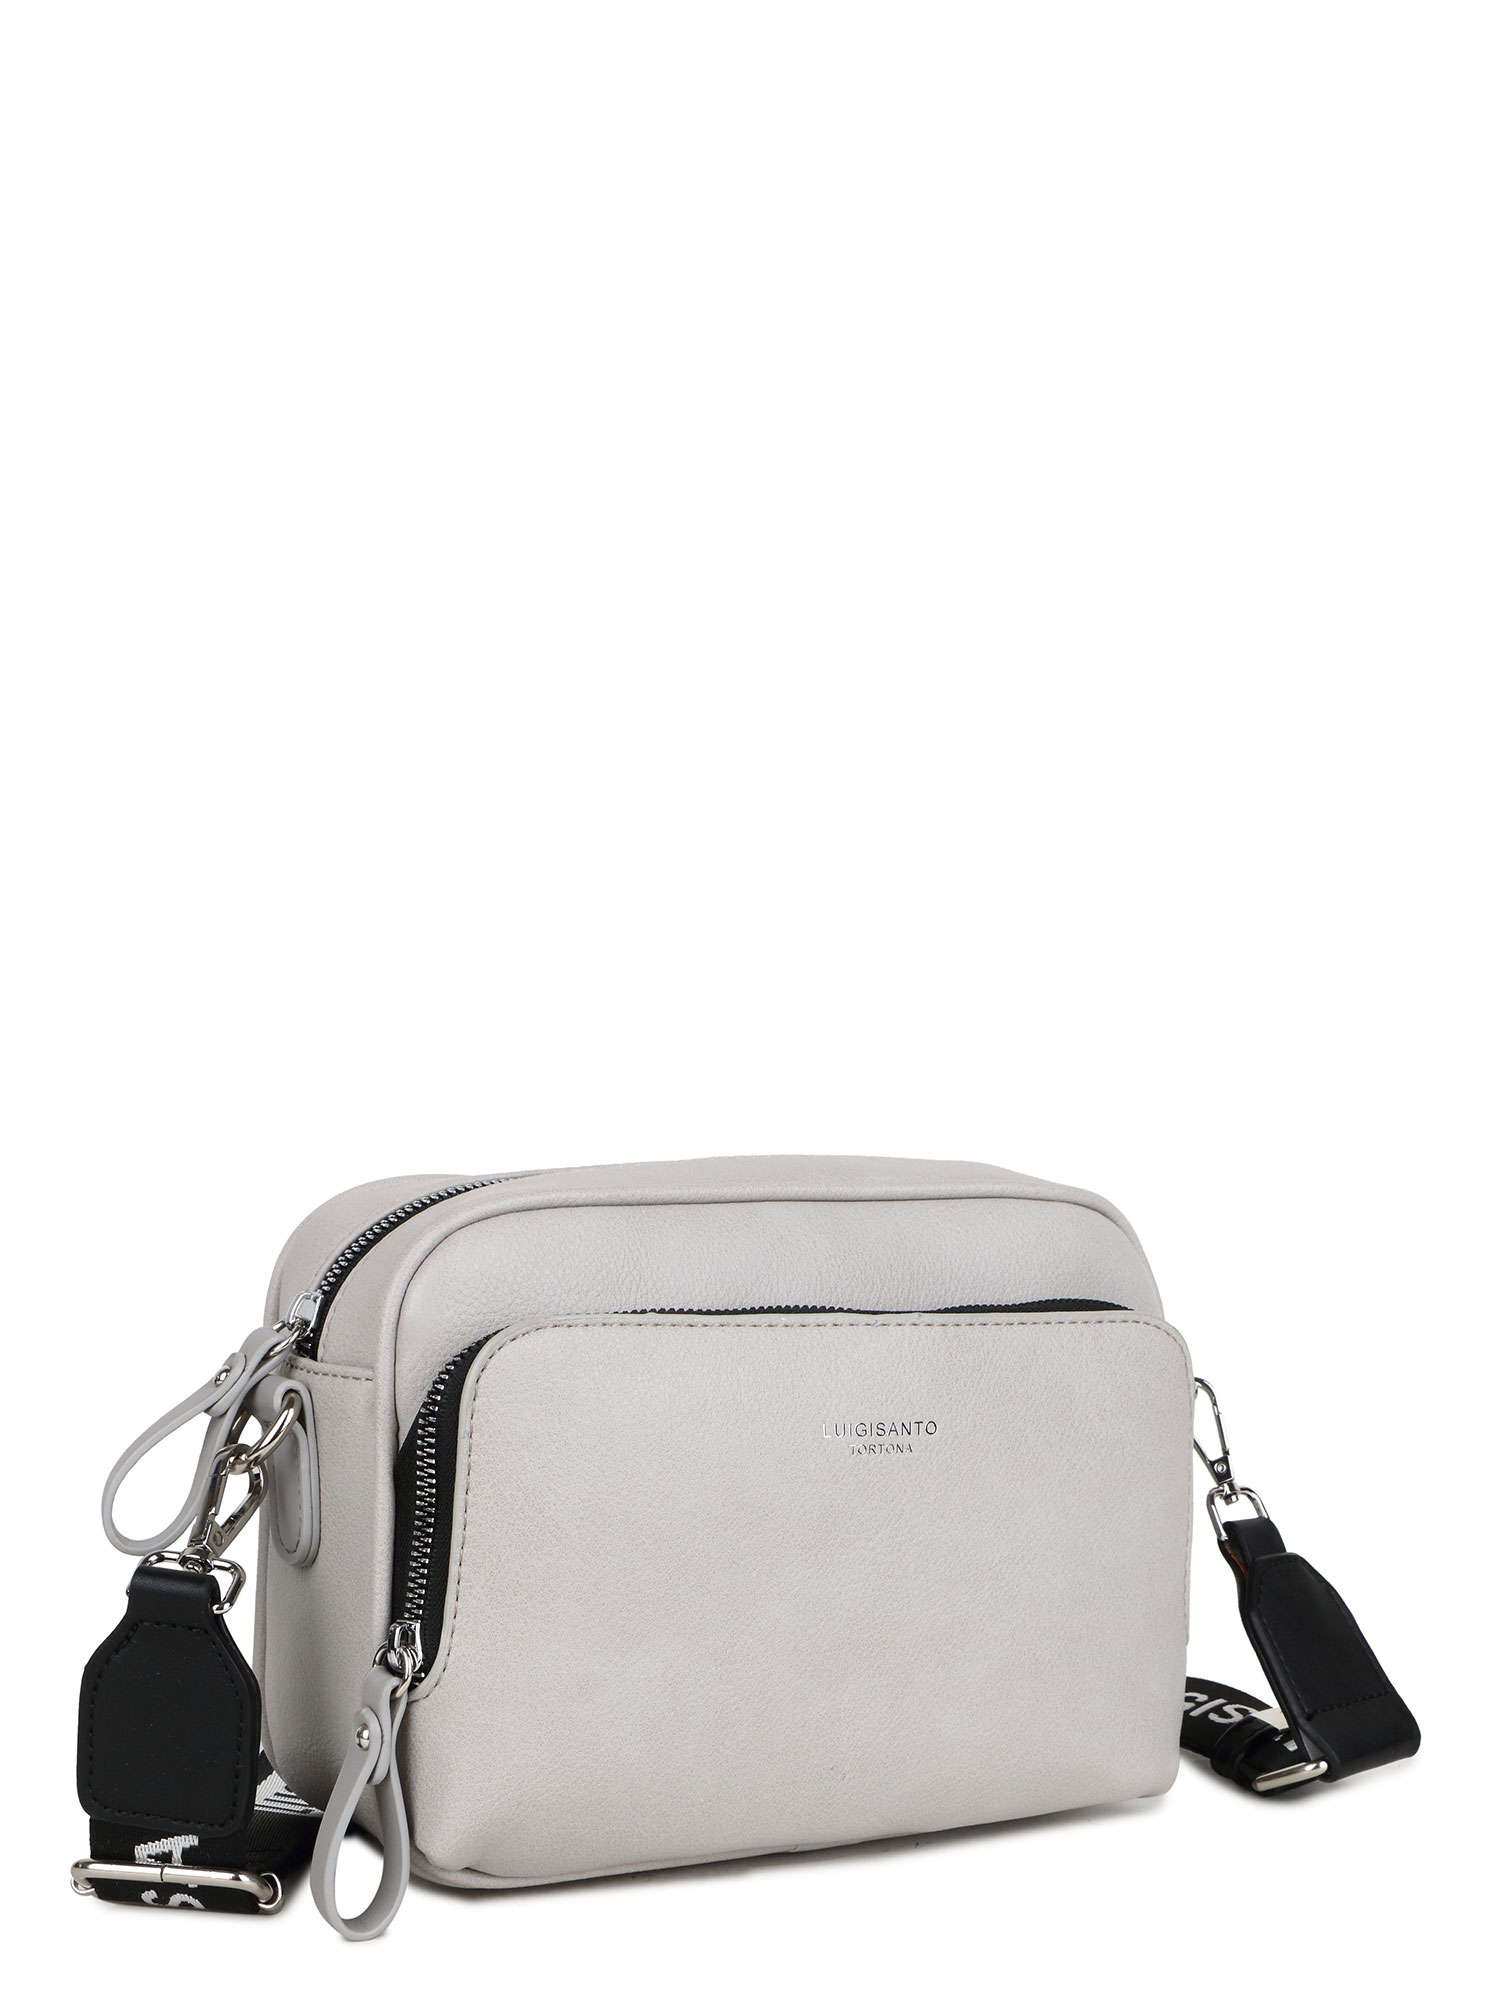 LUIGISANTO Béžová a šedá dámska taška z ekologickej kože ONE SIZE